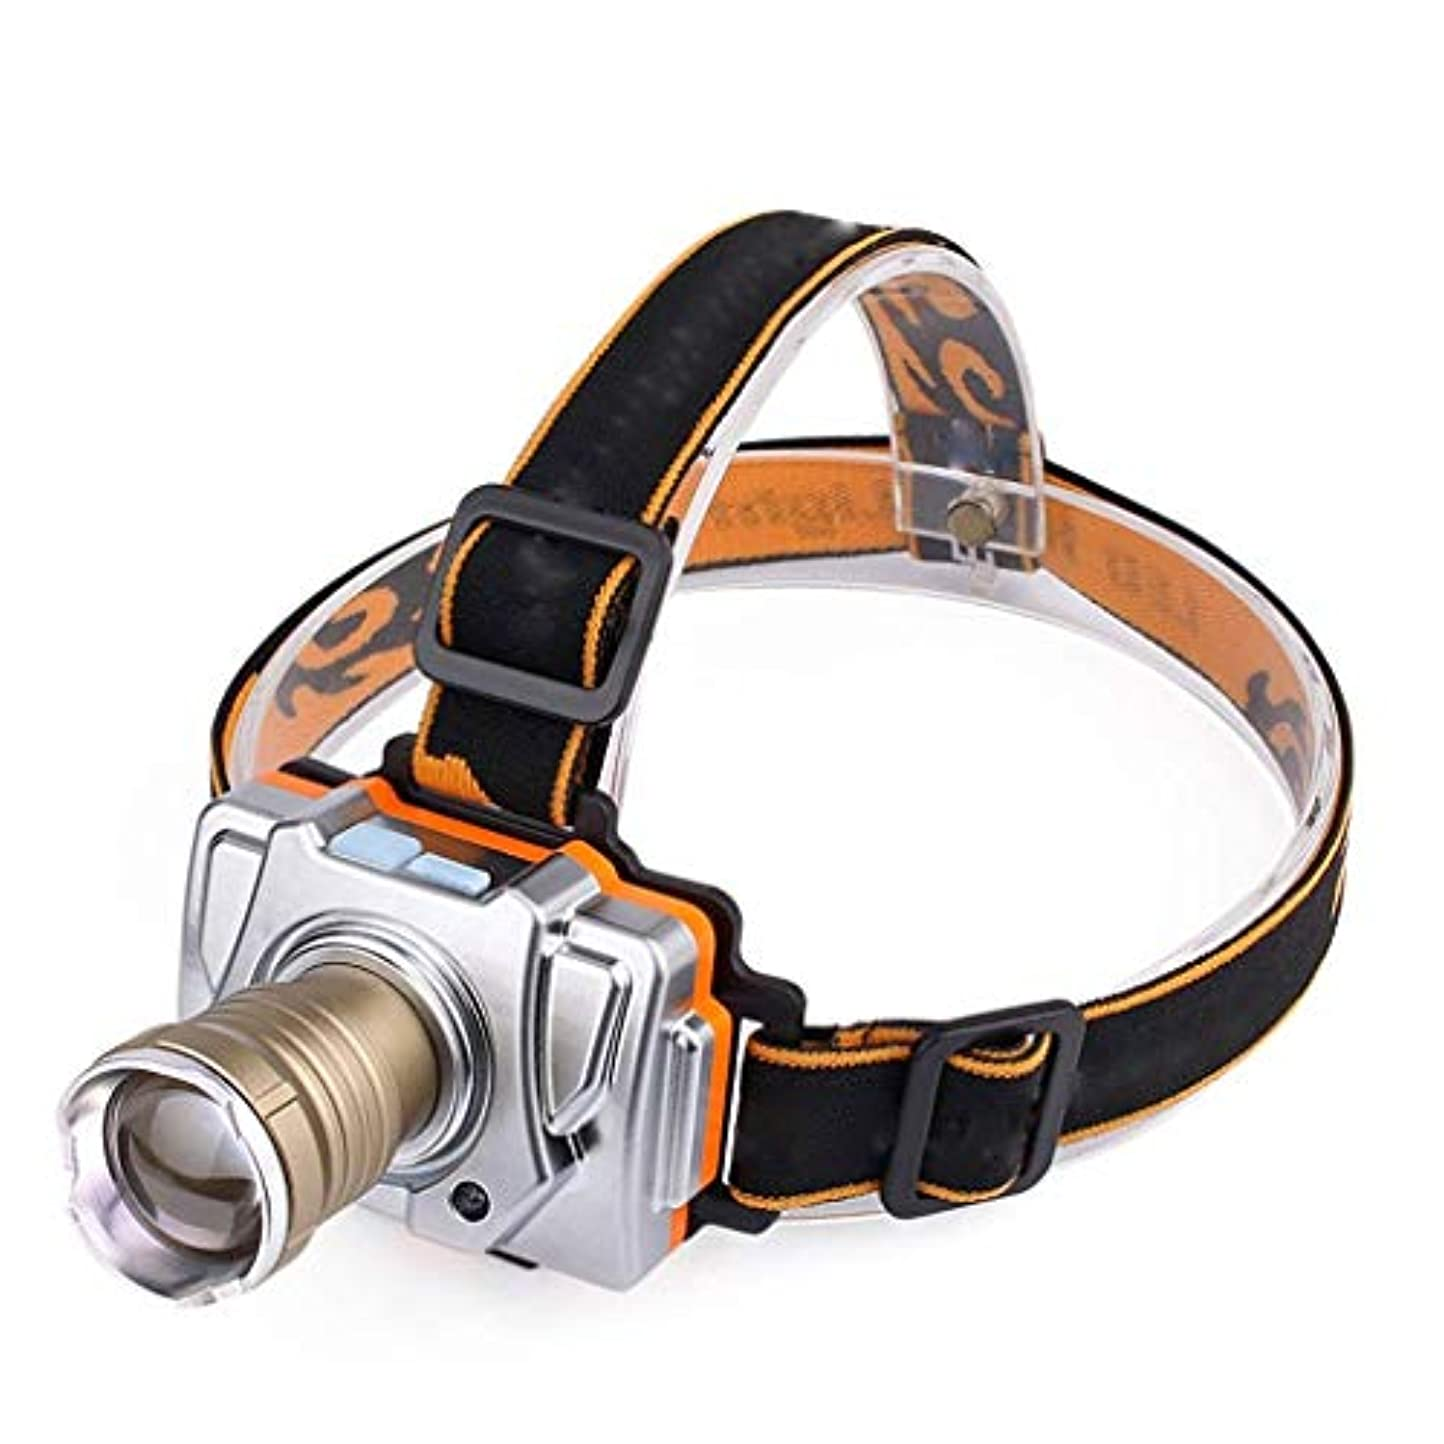 提供するバルコニー三角YDXYZ スマートセンサー付きヘッドライトUSB充電式LEDヘッドライトヘッドトーチ防水、ワーキングサーチライトキャンプ非常灯多機能ランタンヘッドバンドライトキャンプ釣りハイキング自転車